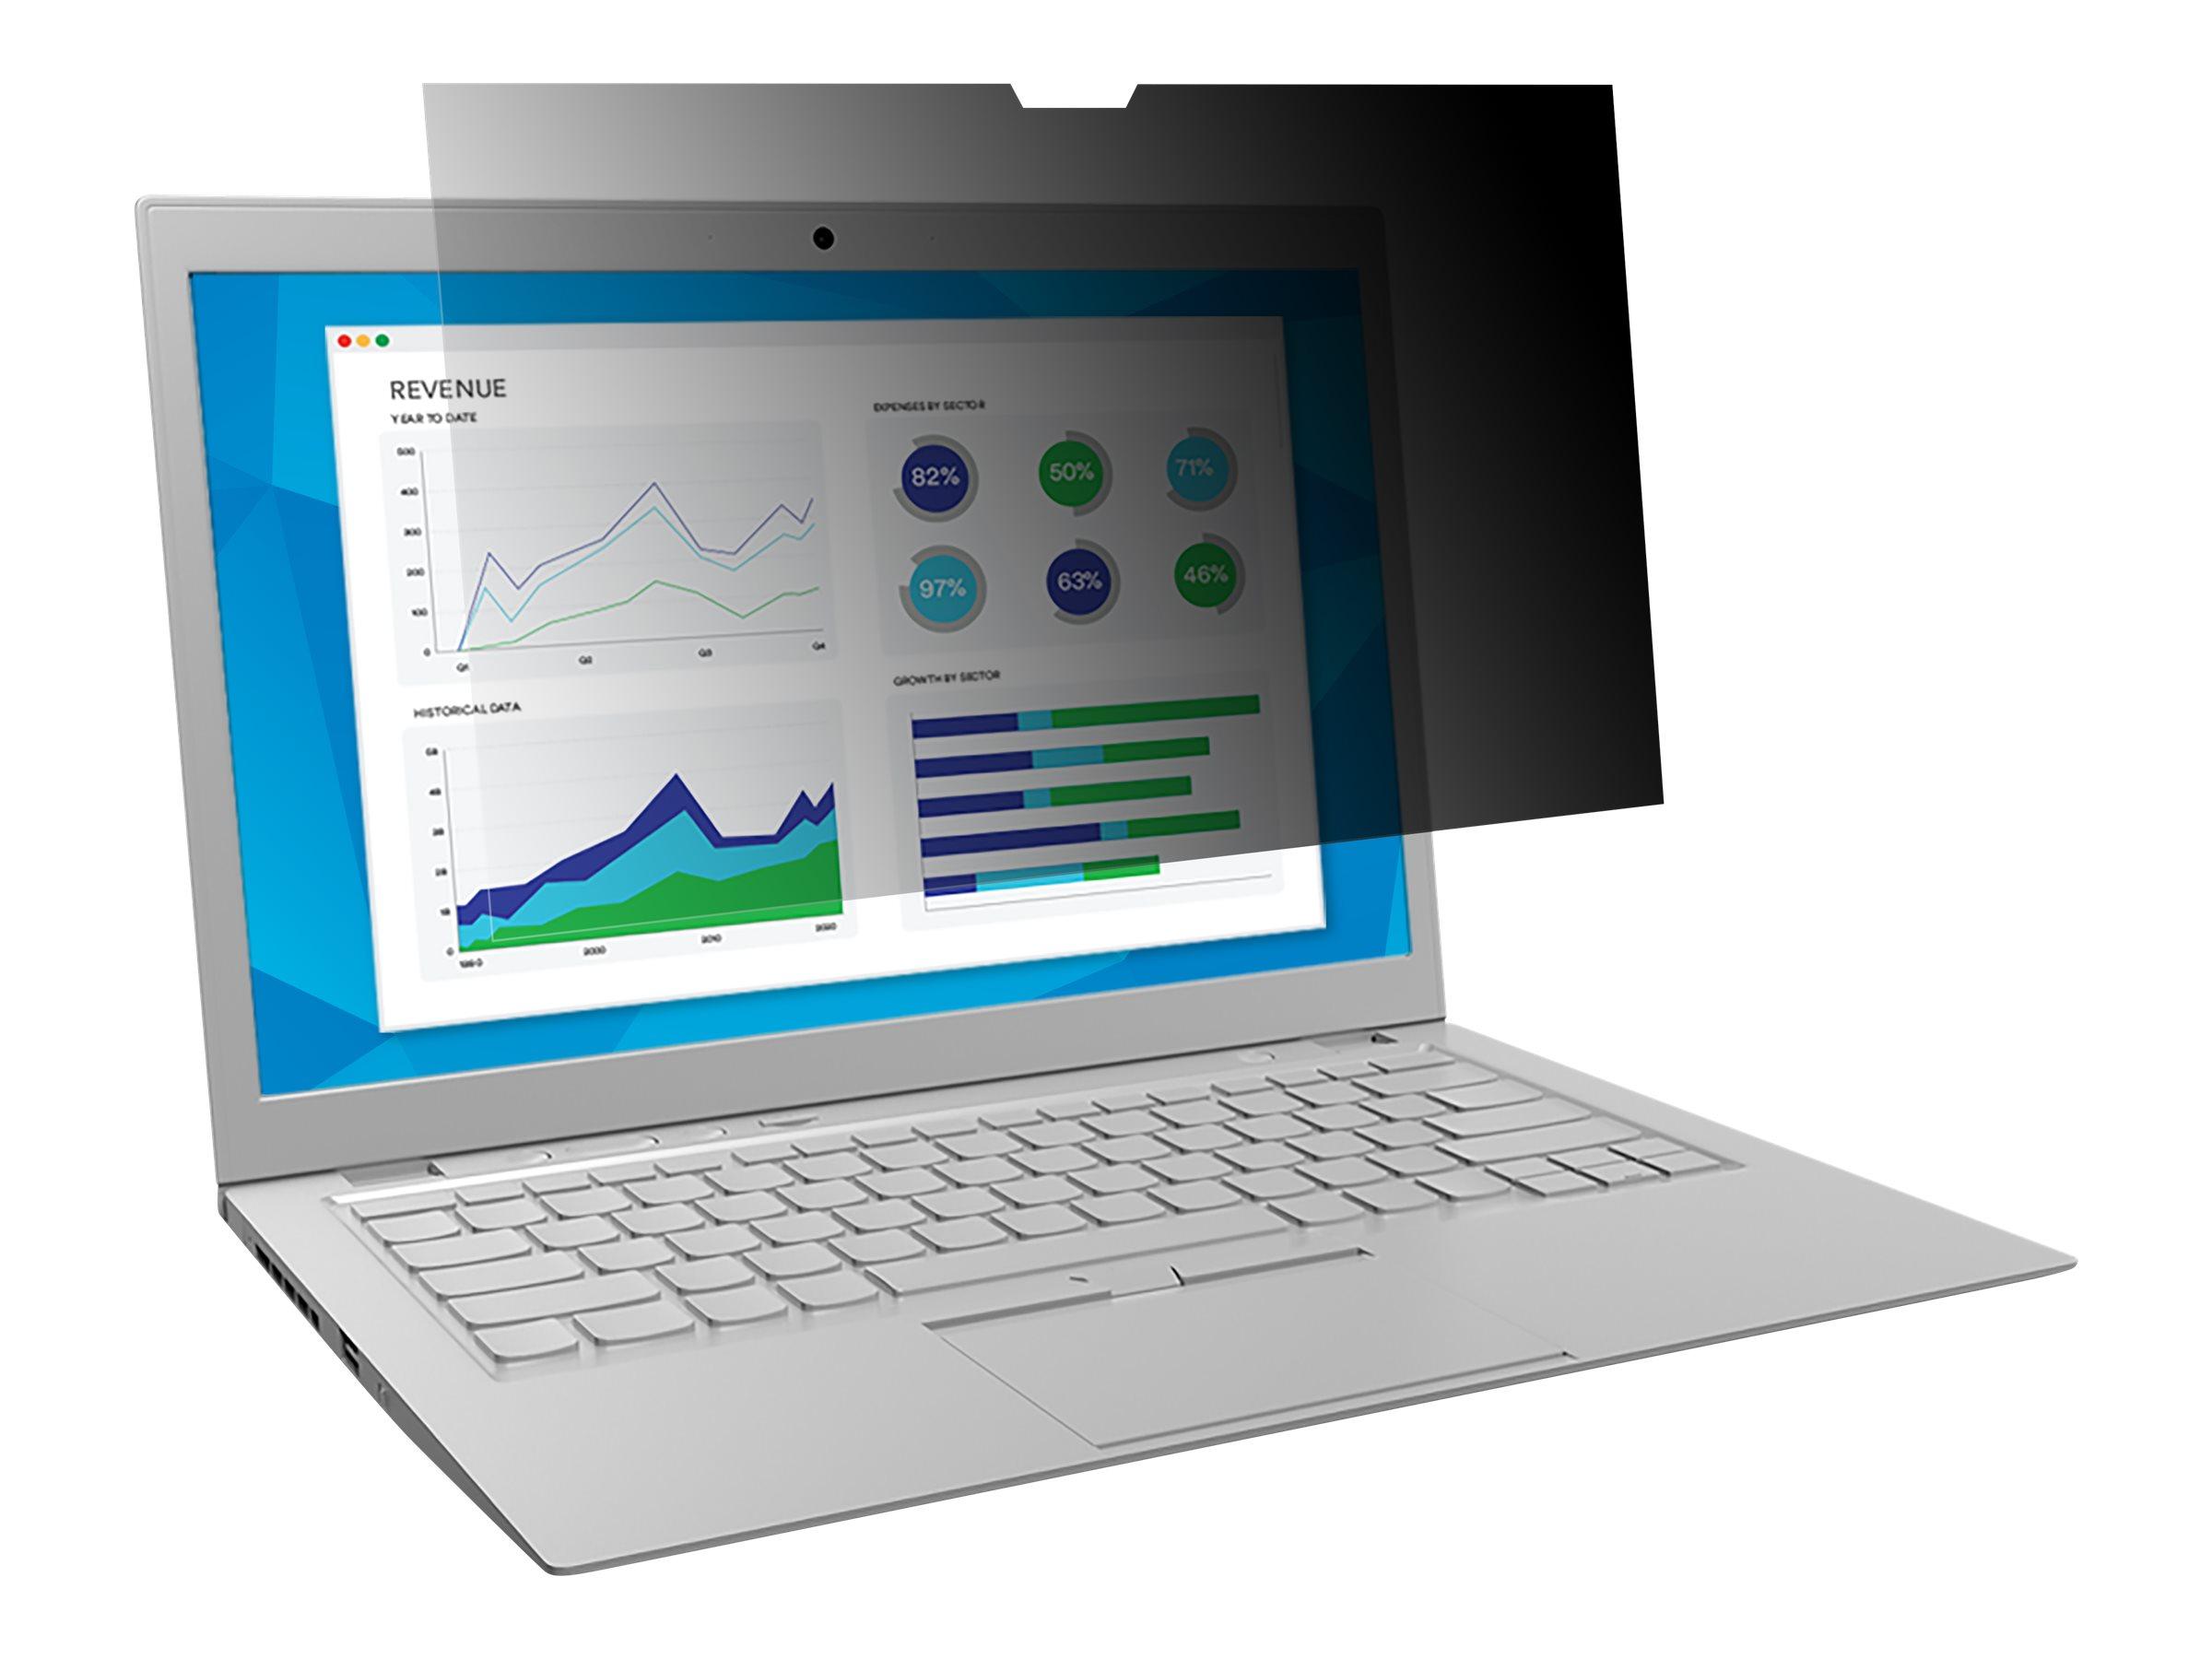 """3M Blickschutzfilter for 12.5"""" Widescreen Laptop with COMPLY Attachment System - Blickschutzfilter für Notebook - 31,8 cm Breitbild (12,5"""" Diagonale)"""